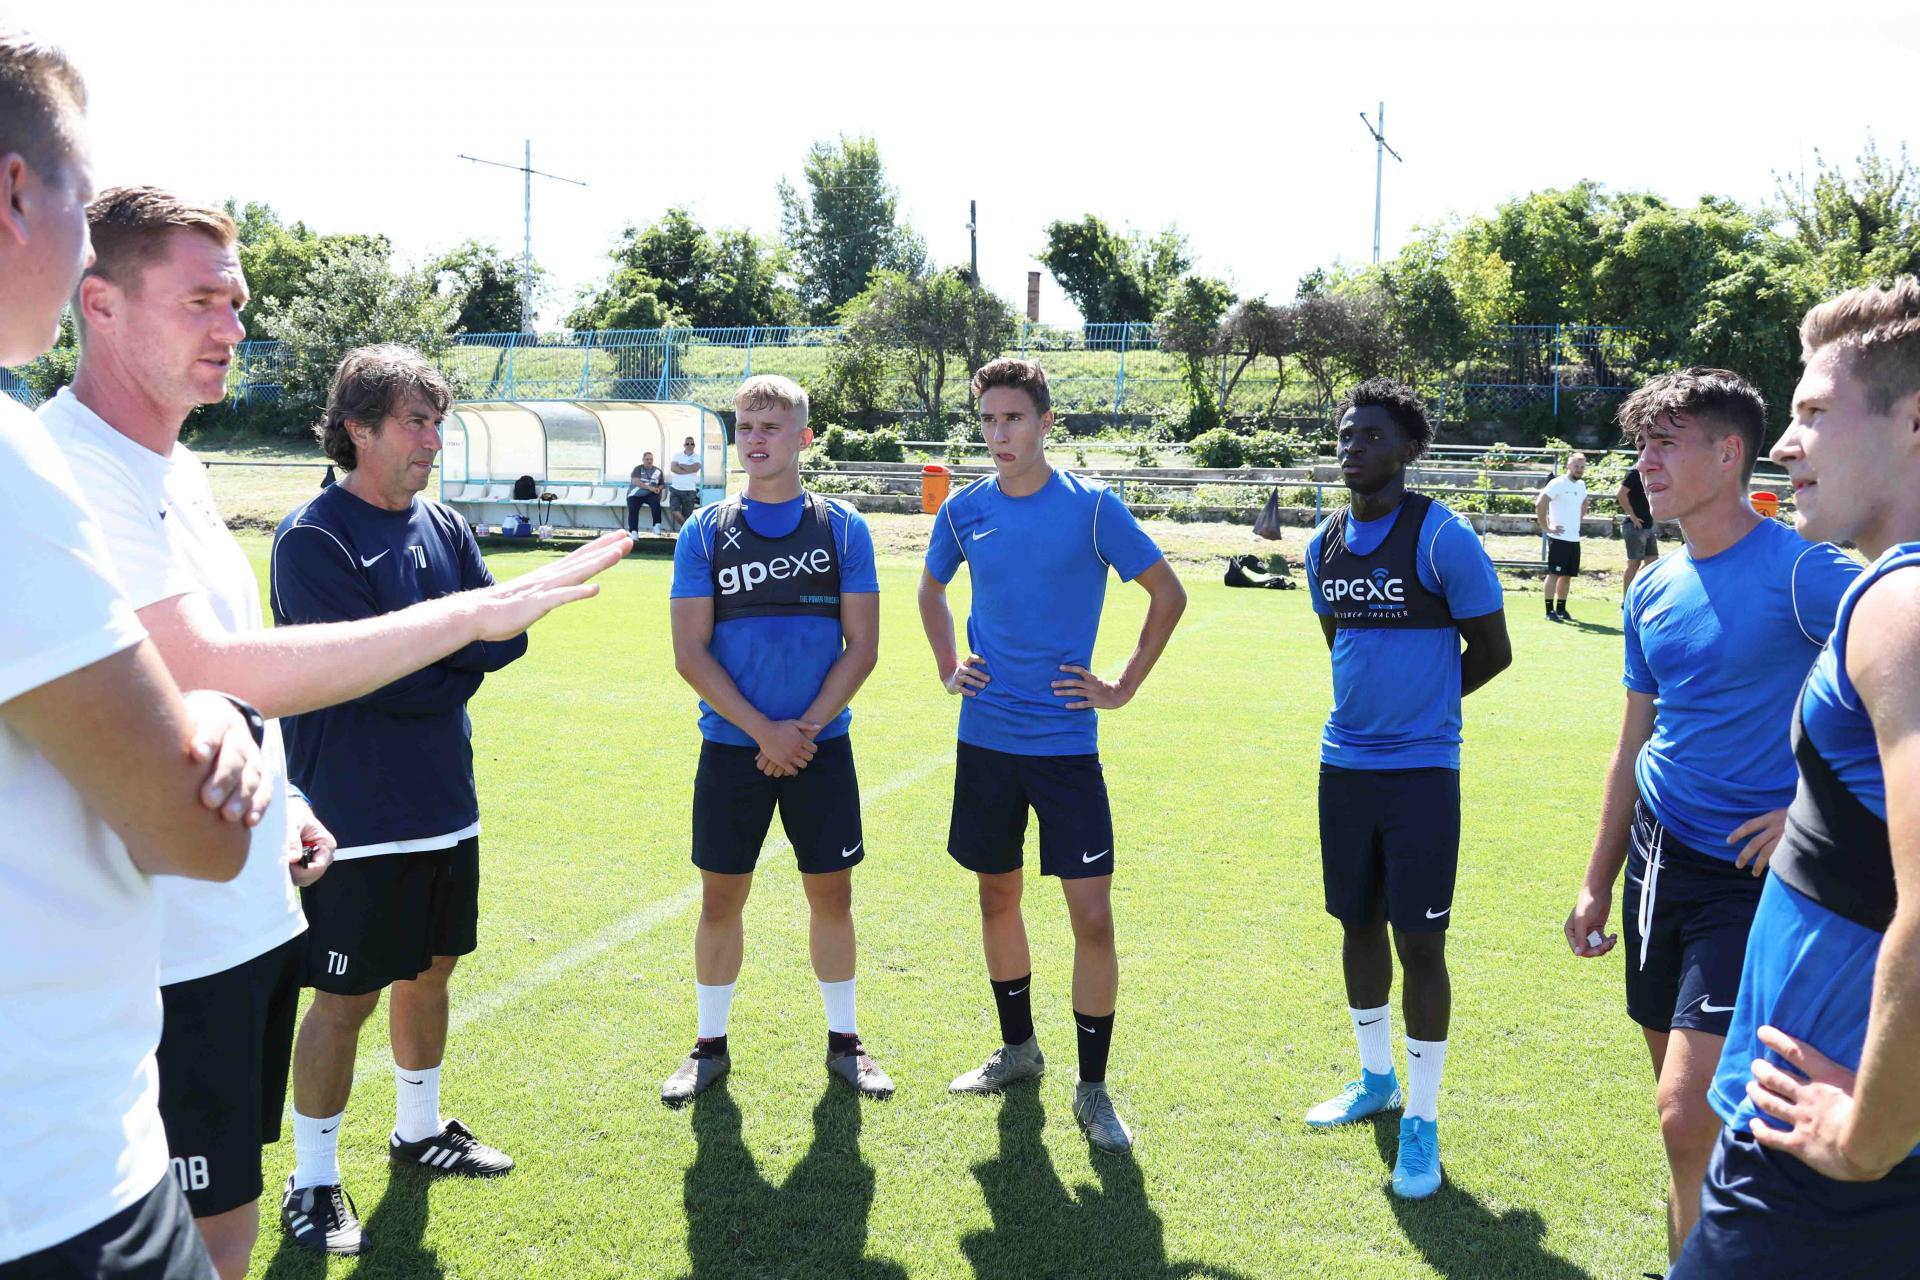 Képgaléria: Az U19-es csapat négy tagja a felnőttekkel készül